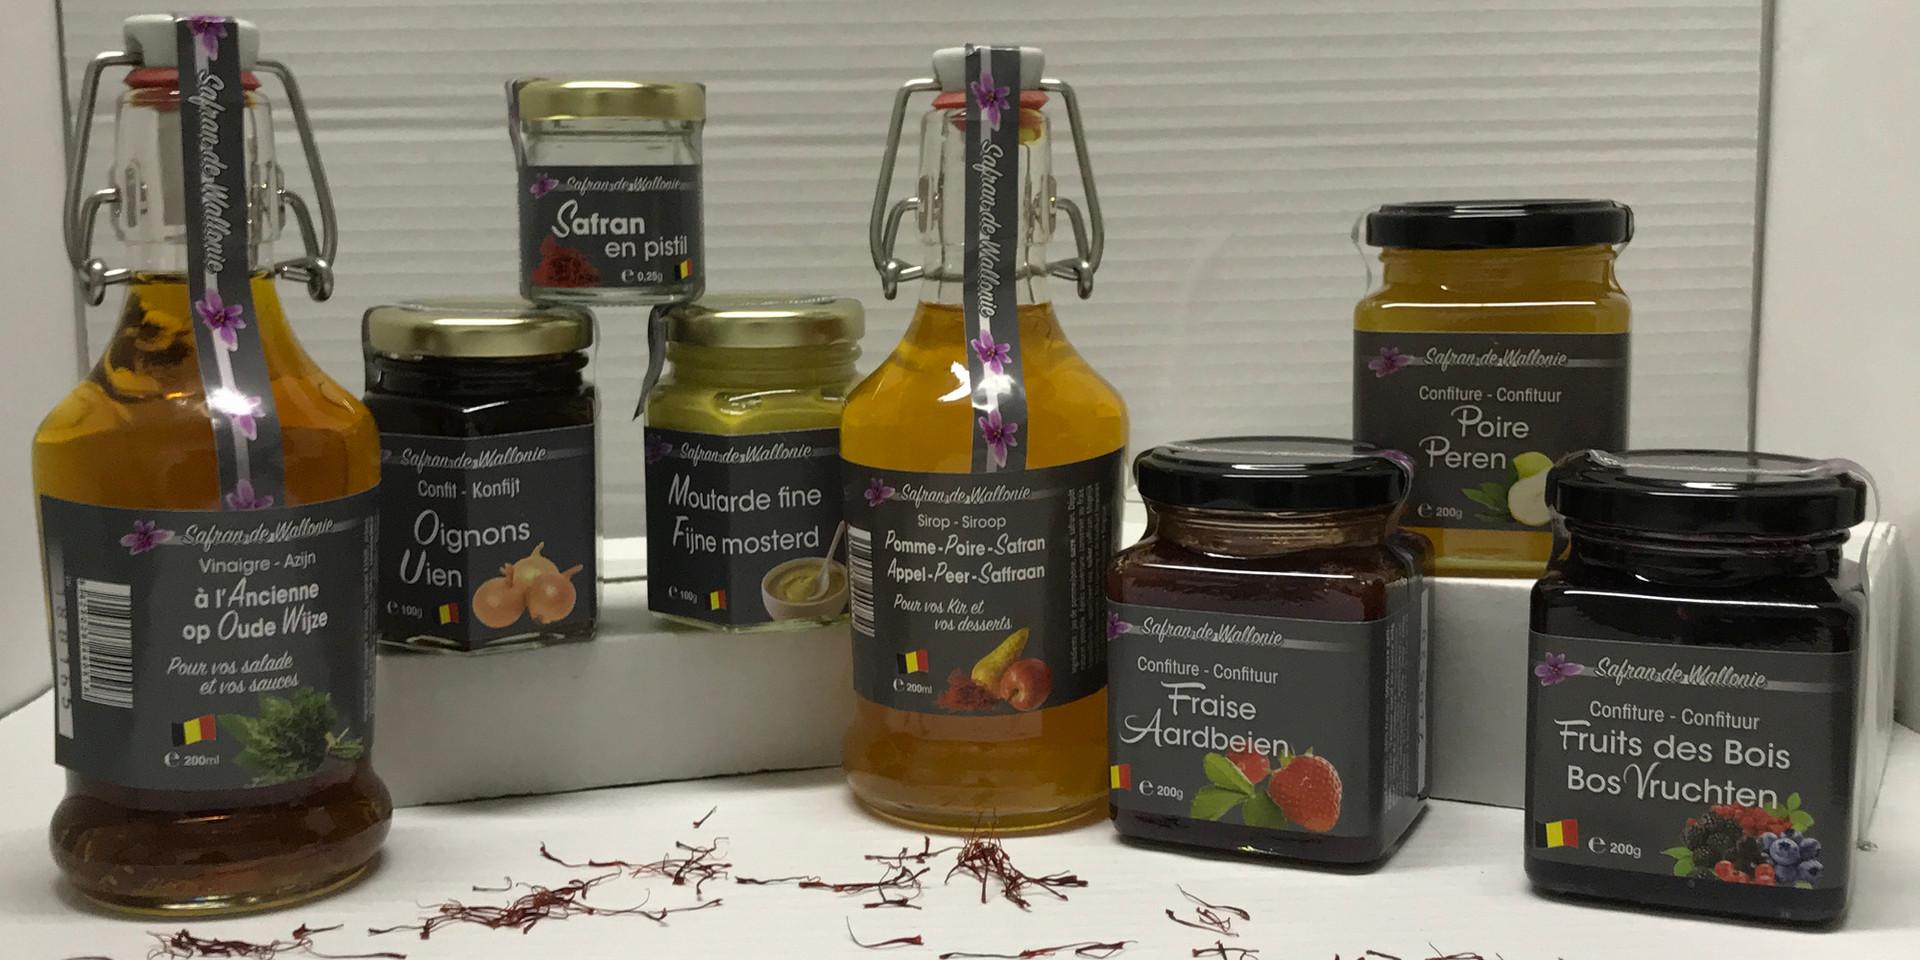 Découvrez notre selection de produits provenants de Safran de wallonie.